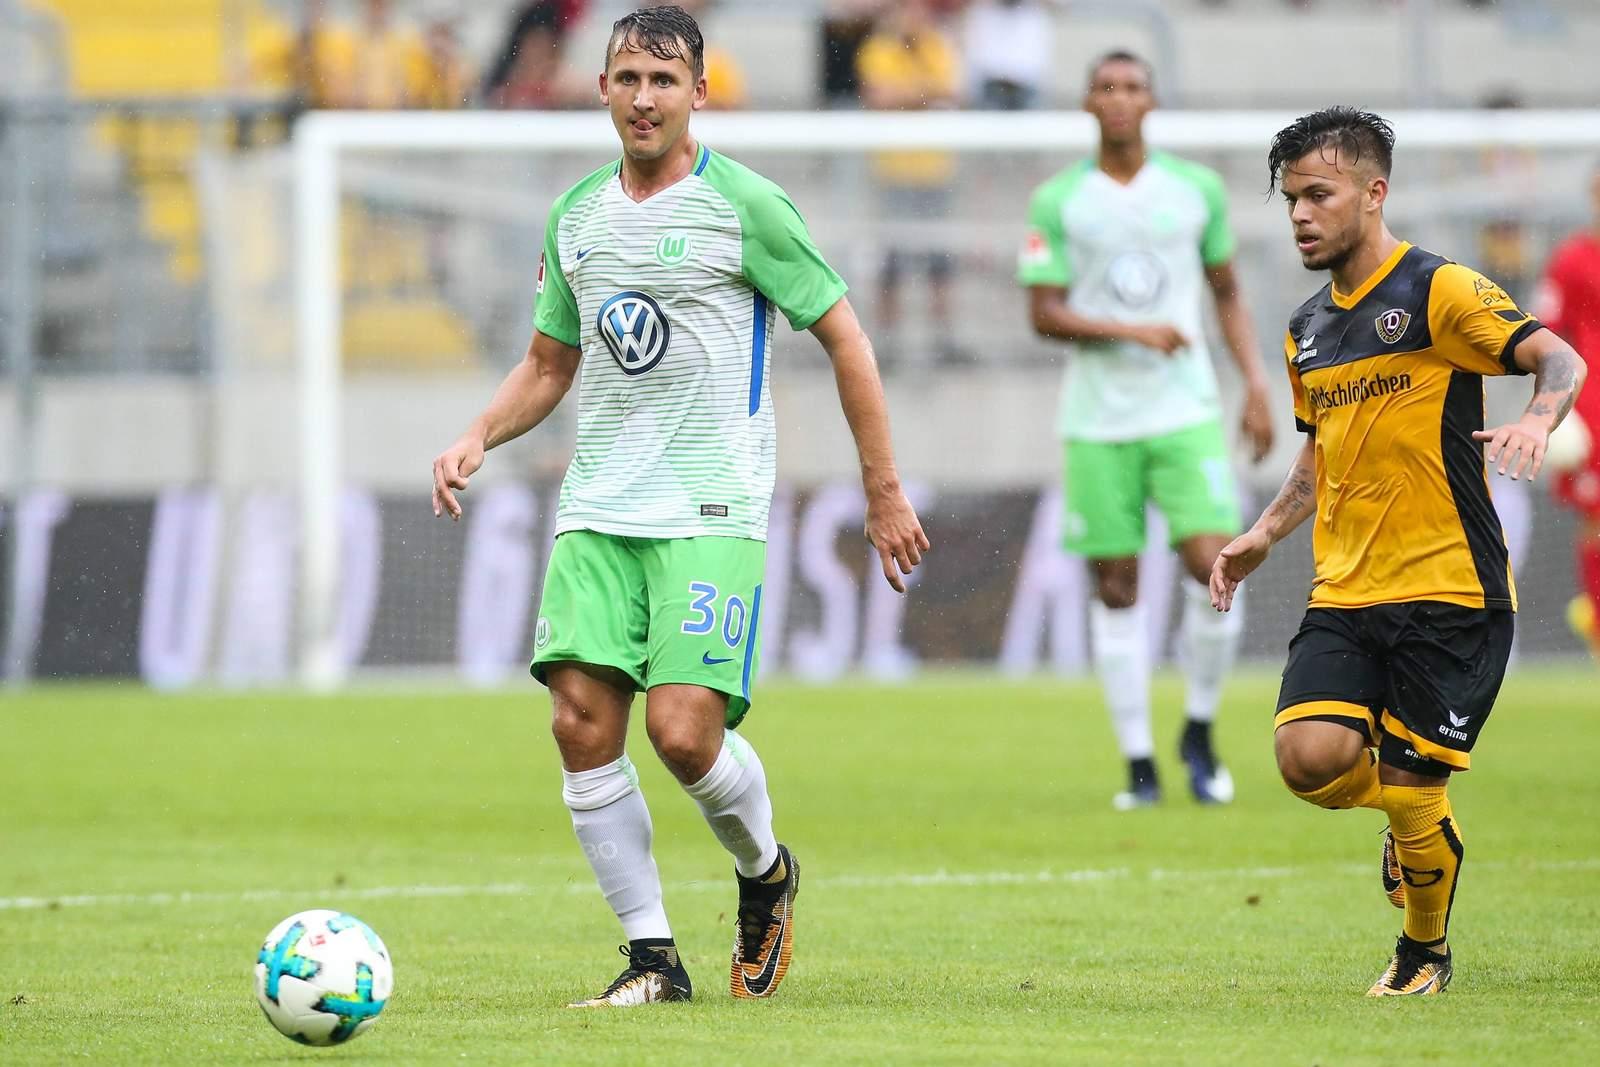 Paul Seguin im Duell mit Sascha Horvath. Seguin war beim 1. FC Magdeburg im Gespräch.